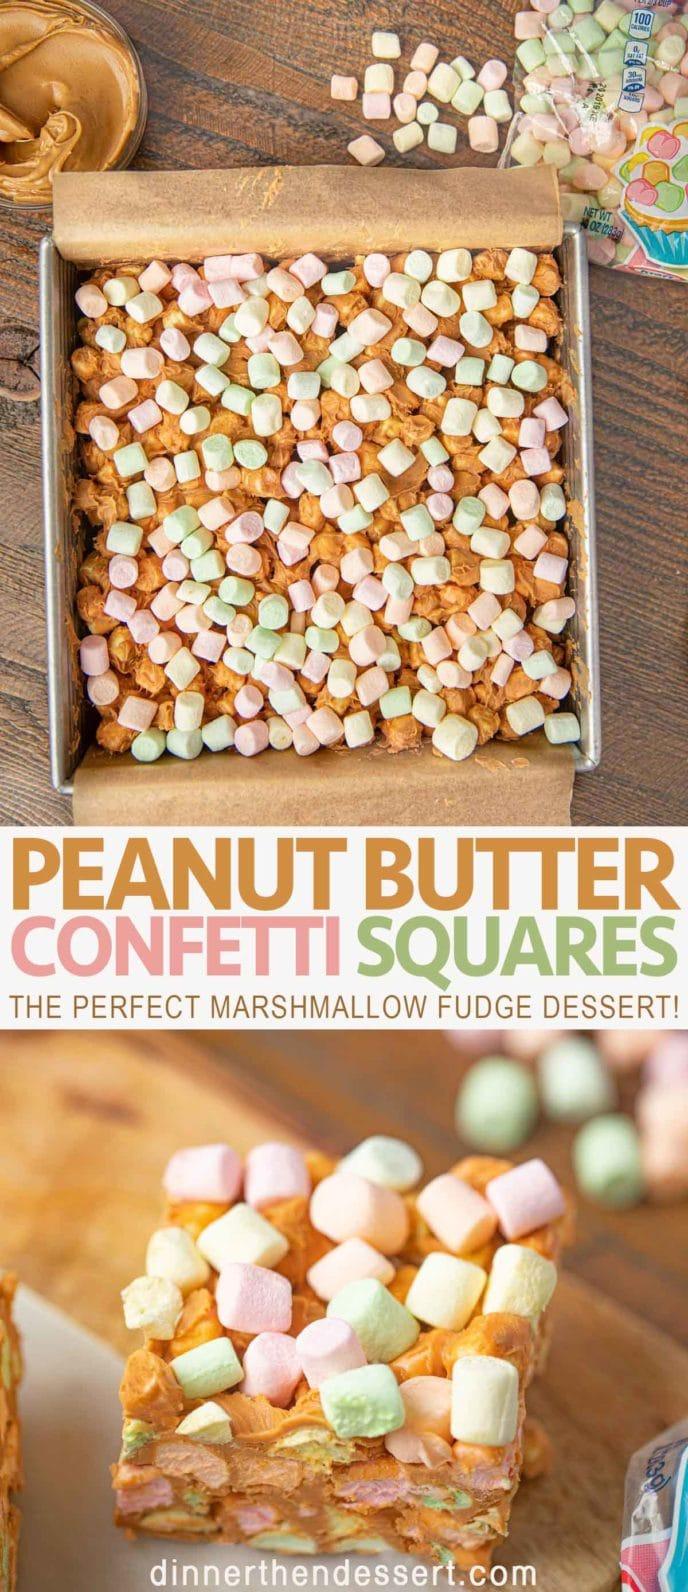 No Bake Peanut Butter Confetti Squares